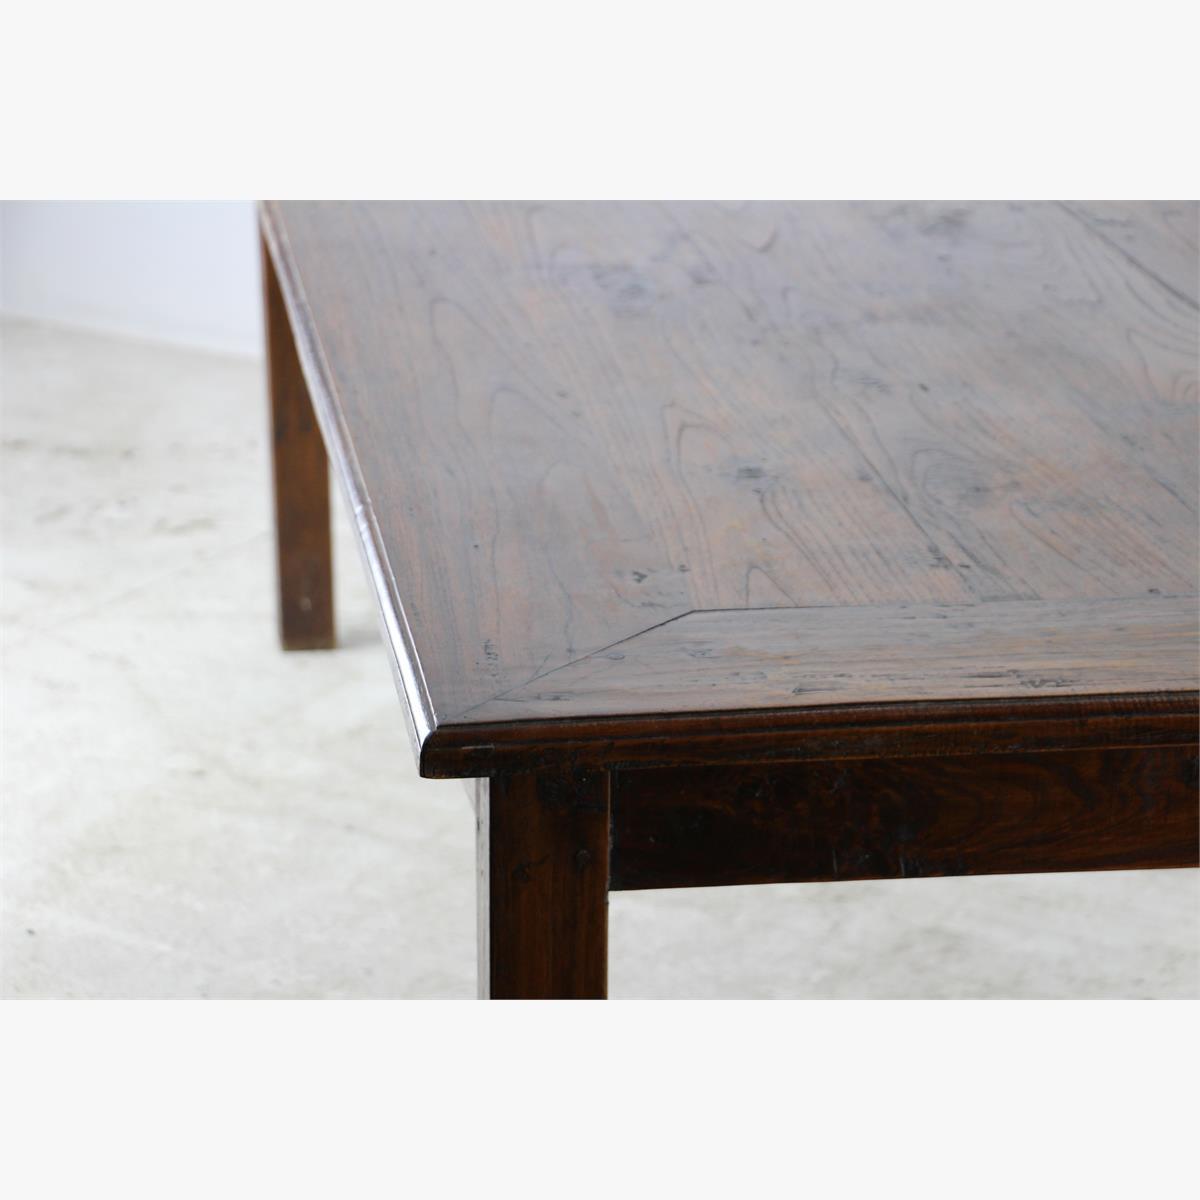 Afbeeldingen van prachtige grote massieve tafel